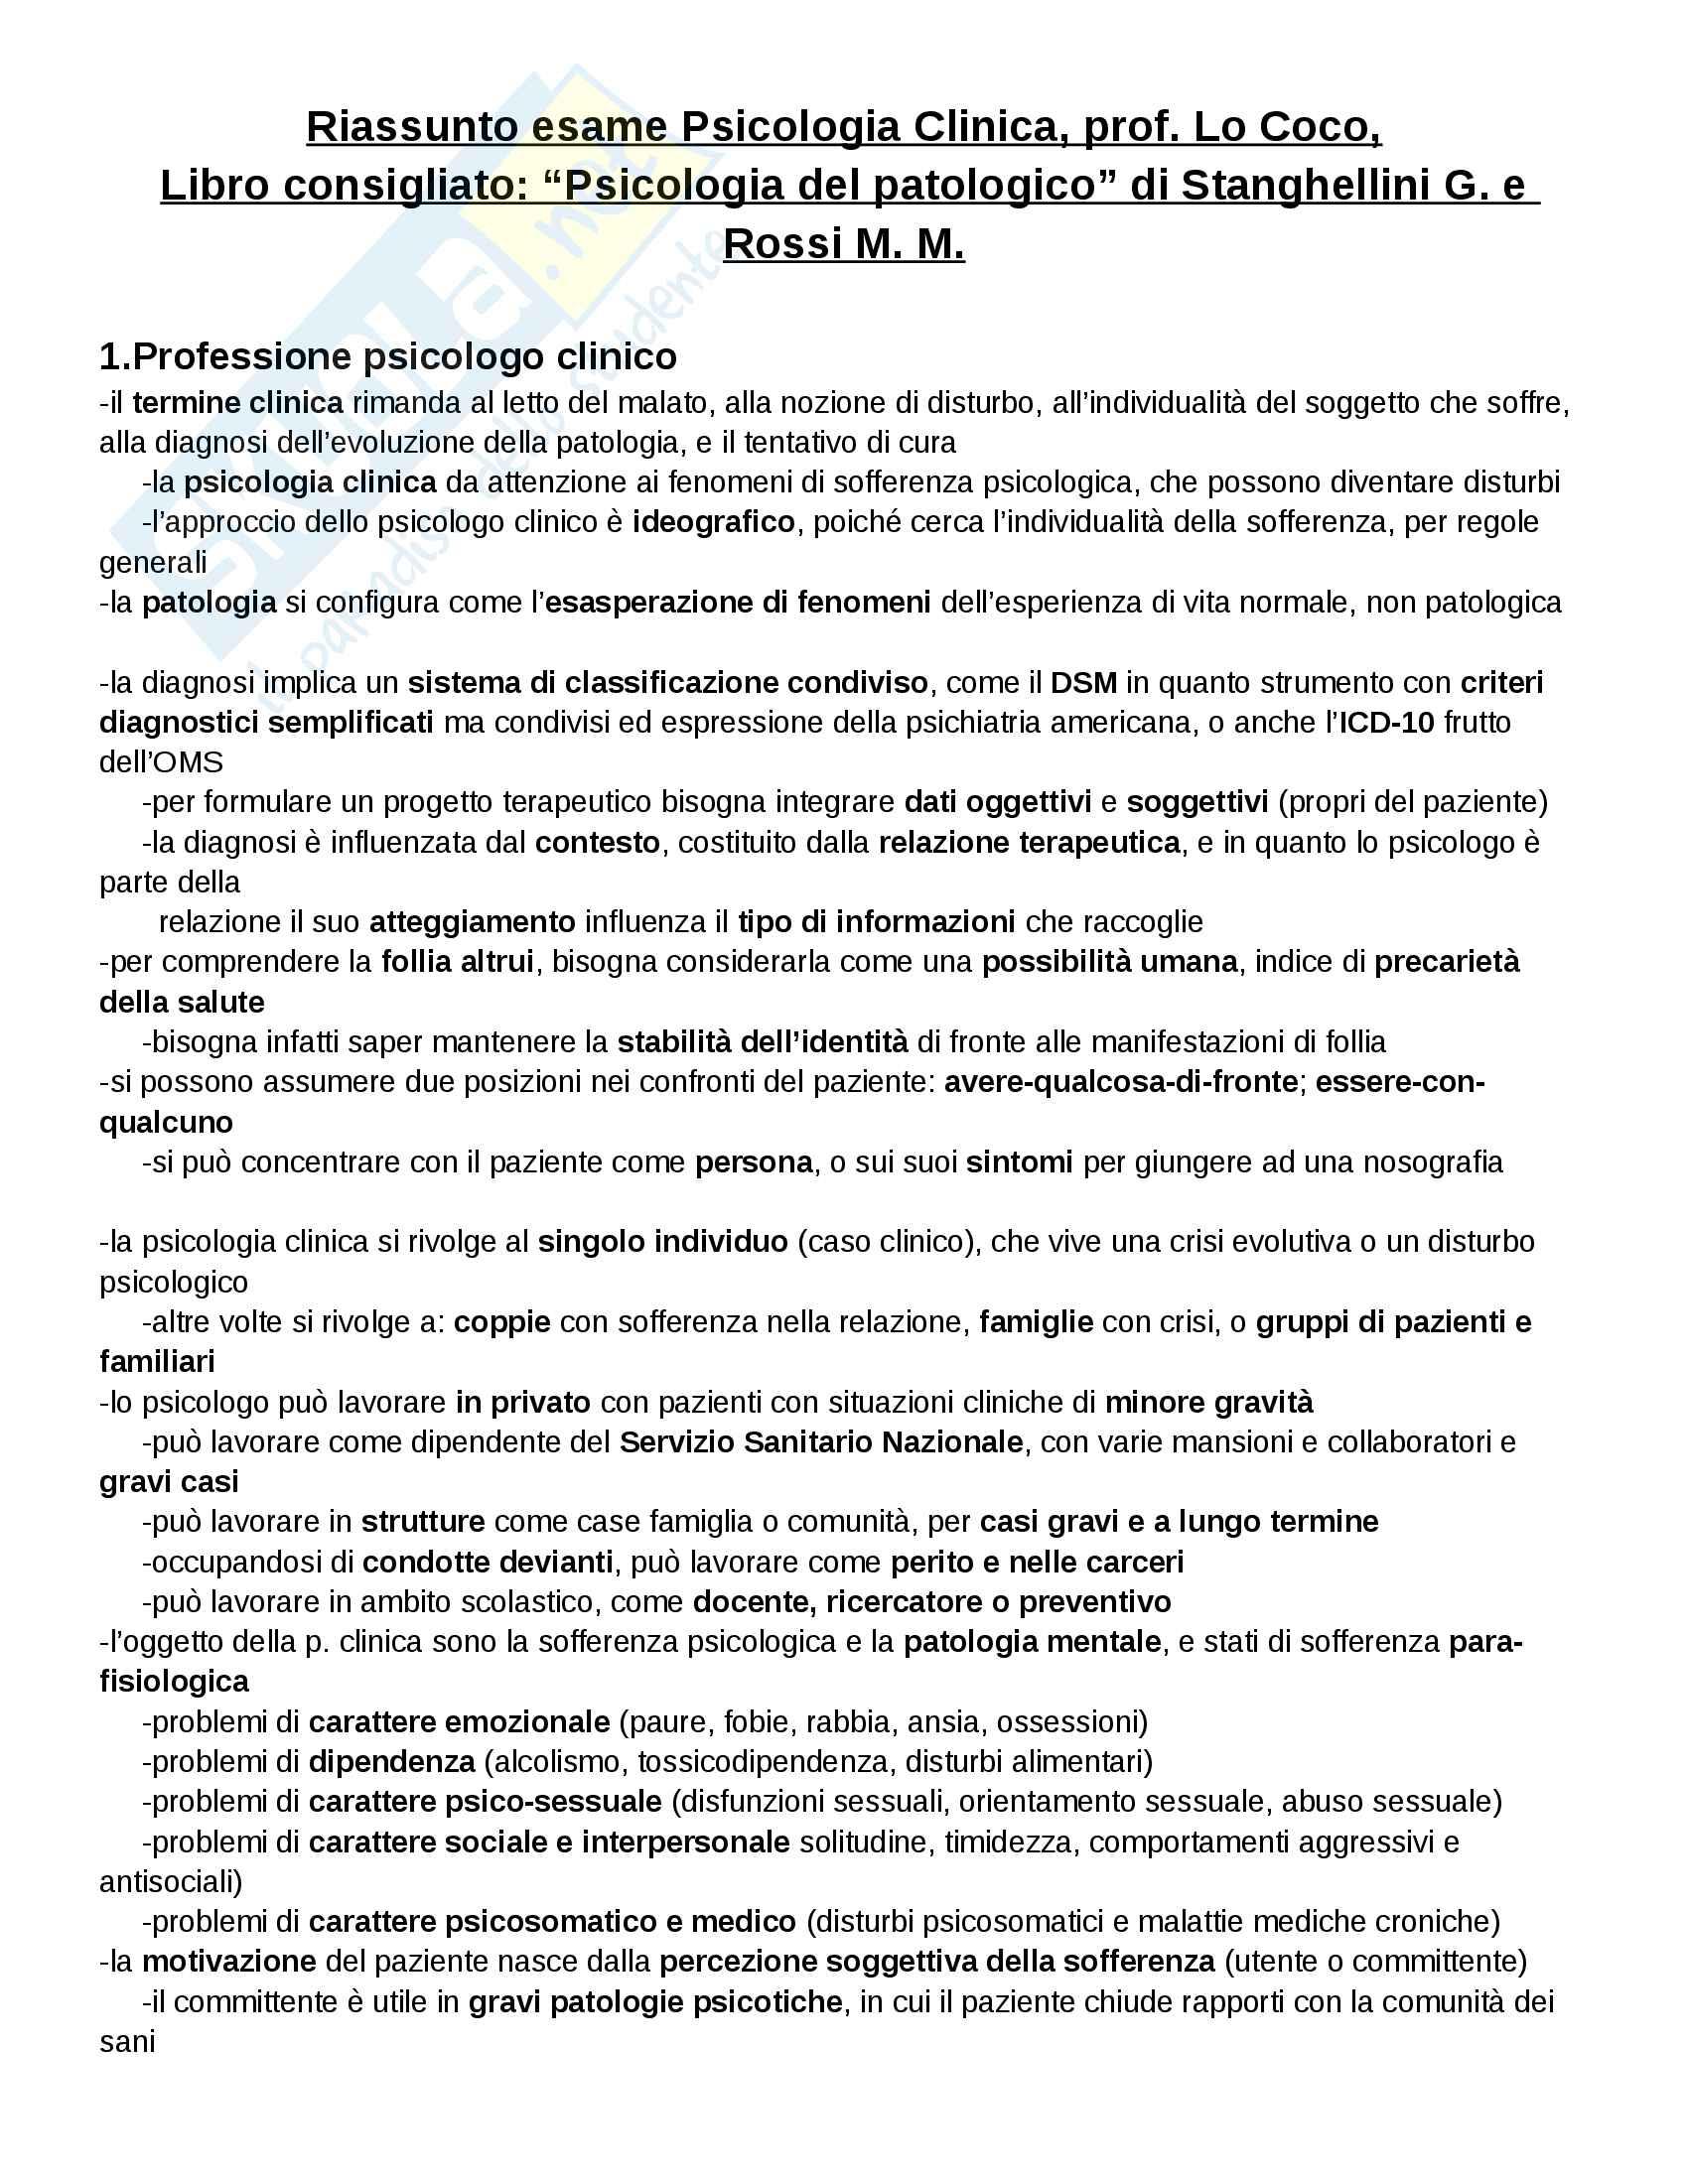 appunto G. Lo Coco Psicologia clinica